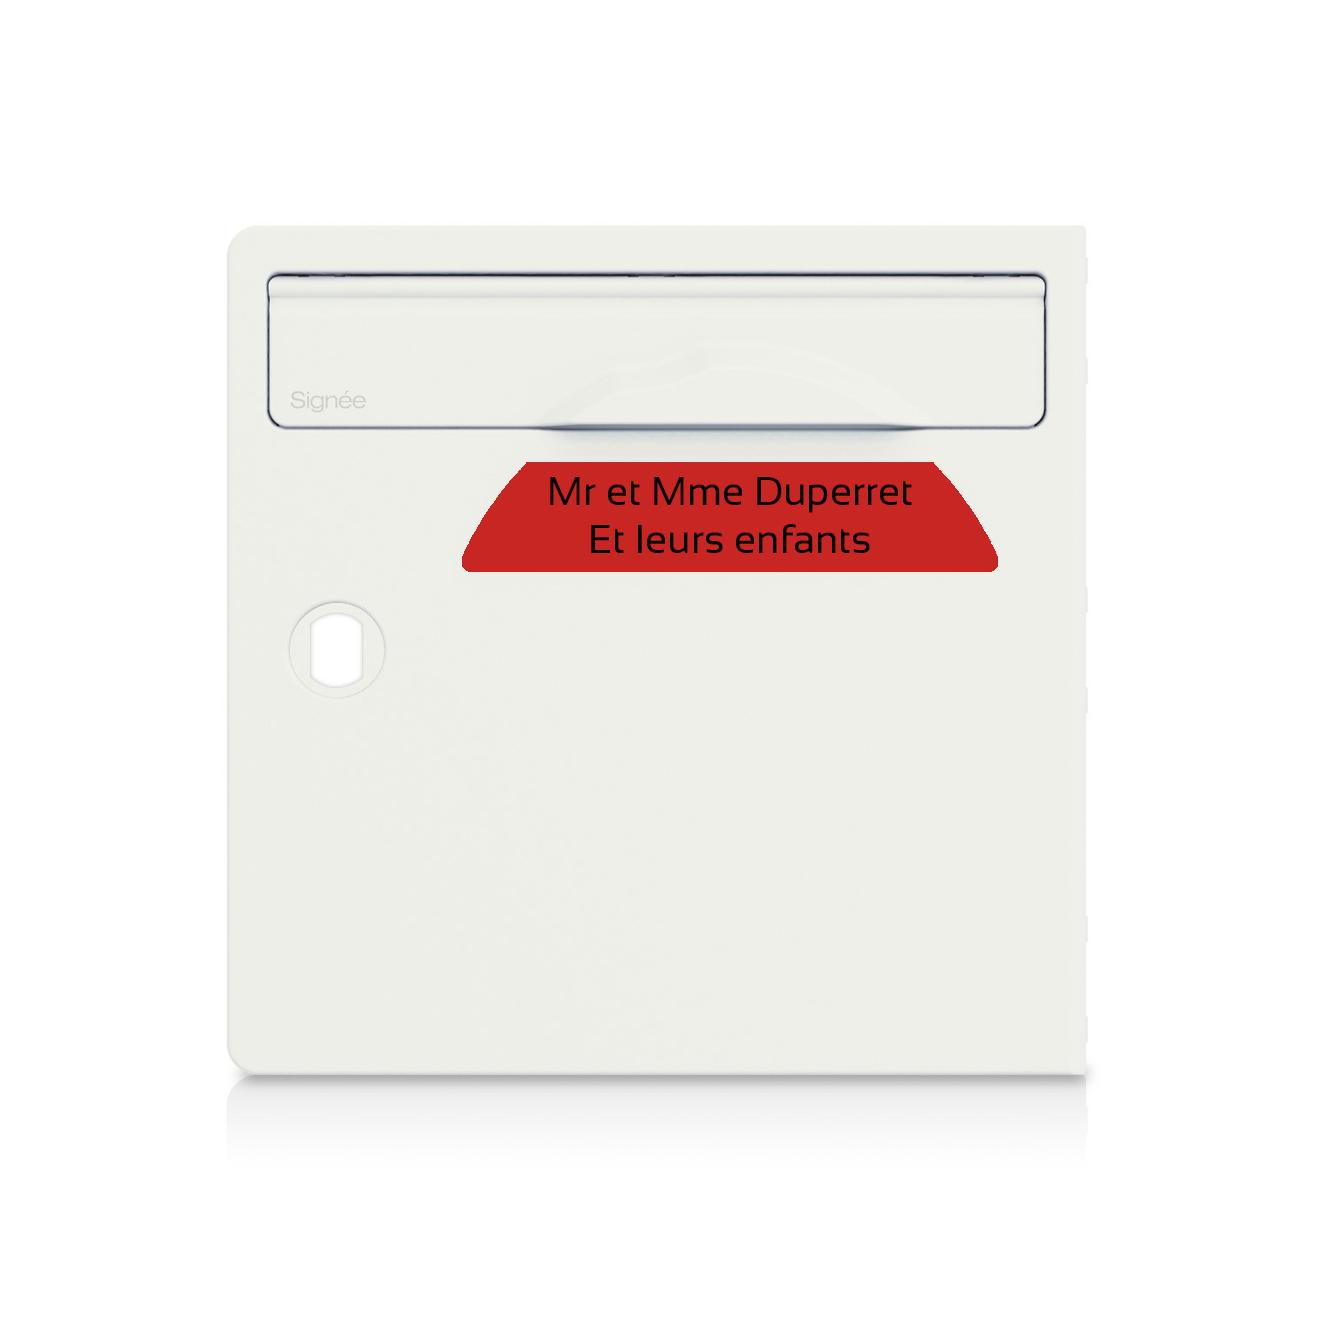 plaque boite aux lettres Signée rouge lettres noires - 2 lignes